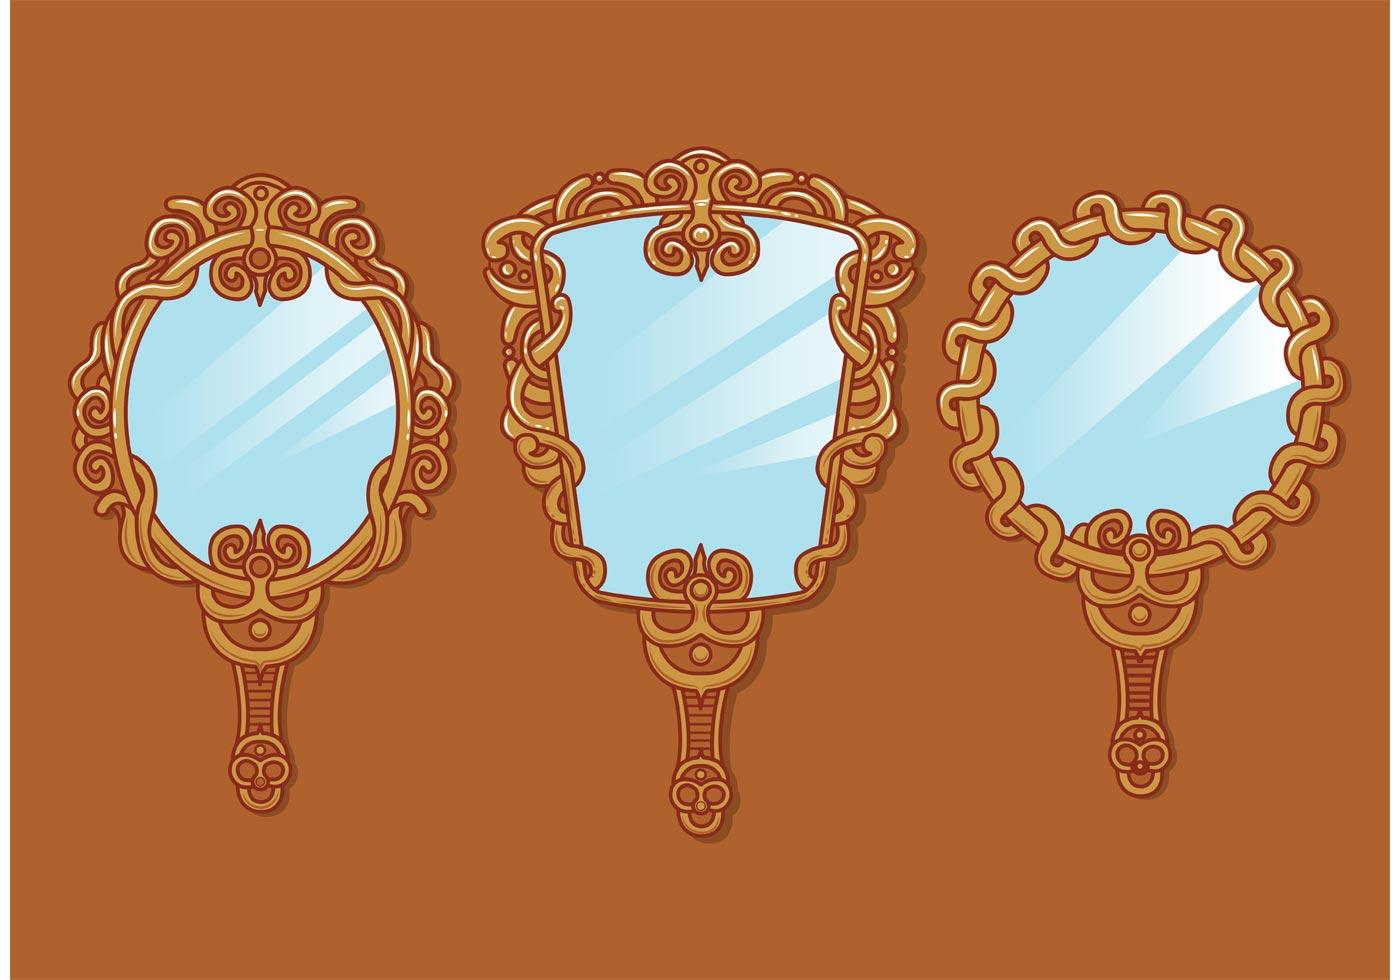 Vintage Hand Mirror Vectors - Download Free Vector Art ... Vintage Hand Mirror Clip Art